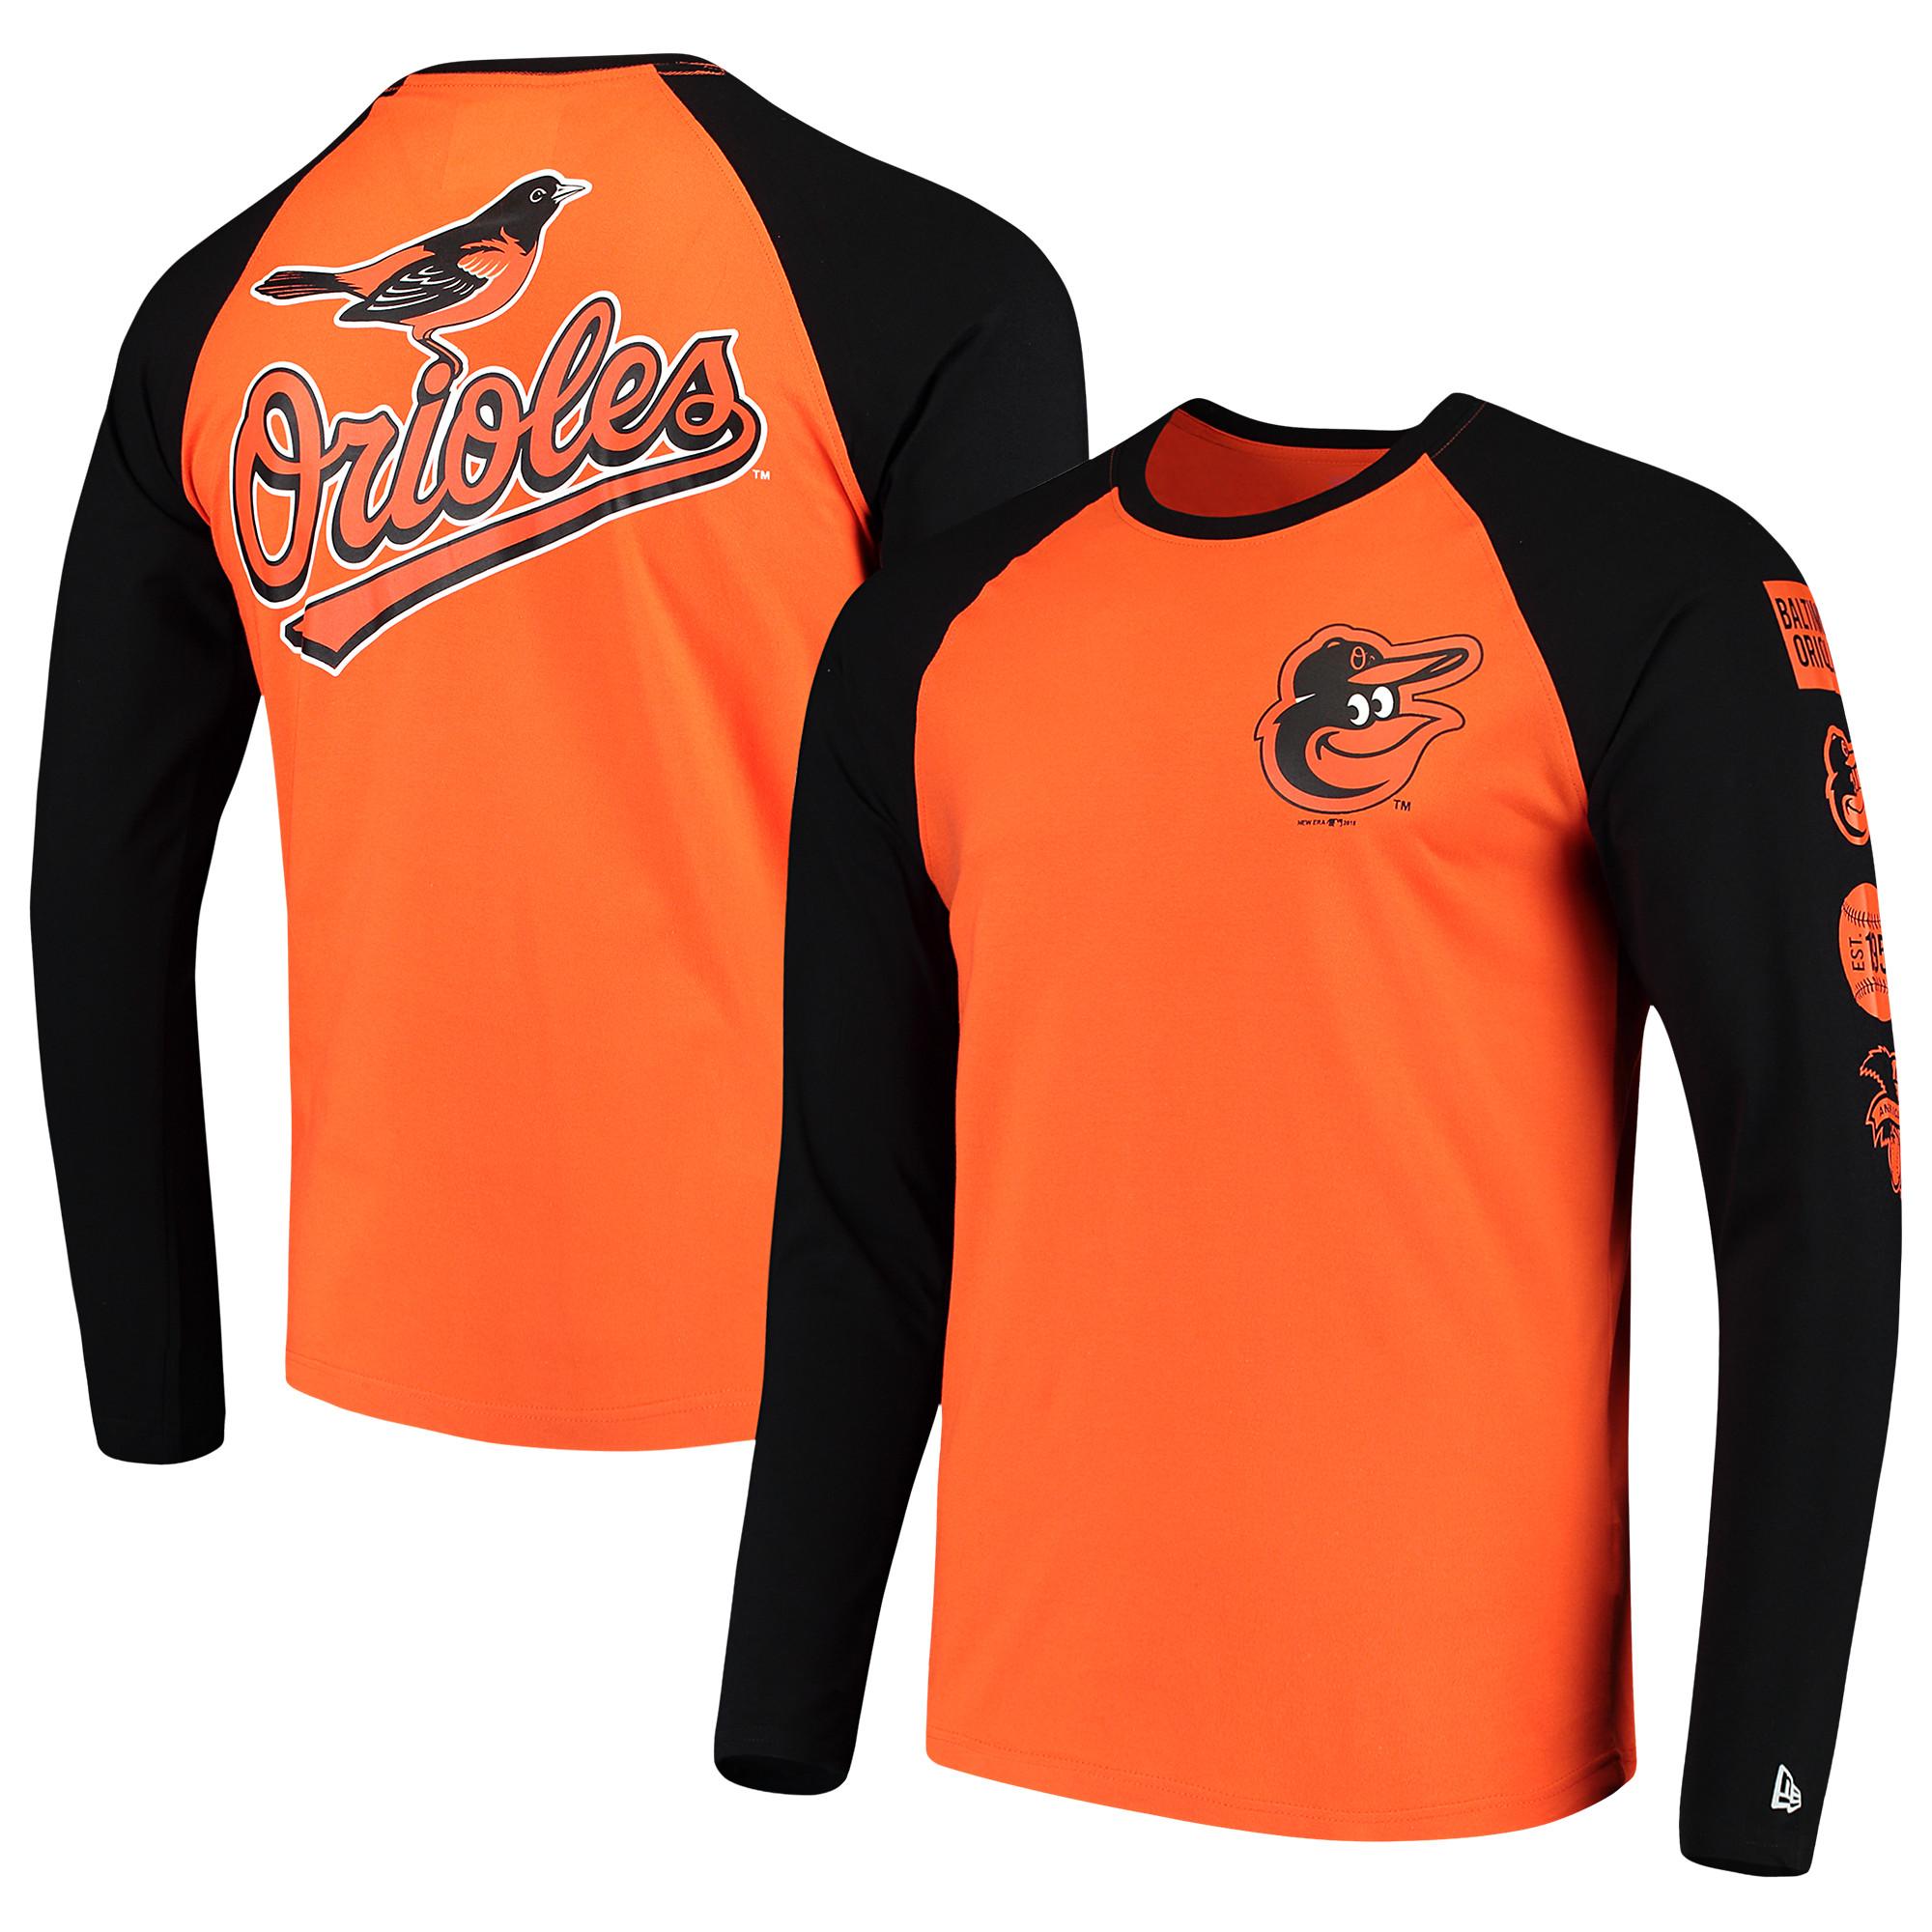 Baltimore Orioles New Era Raglan Long Sleeve T-Shirt - Orange/Black